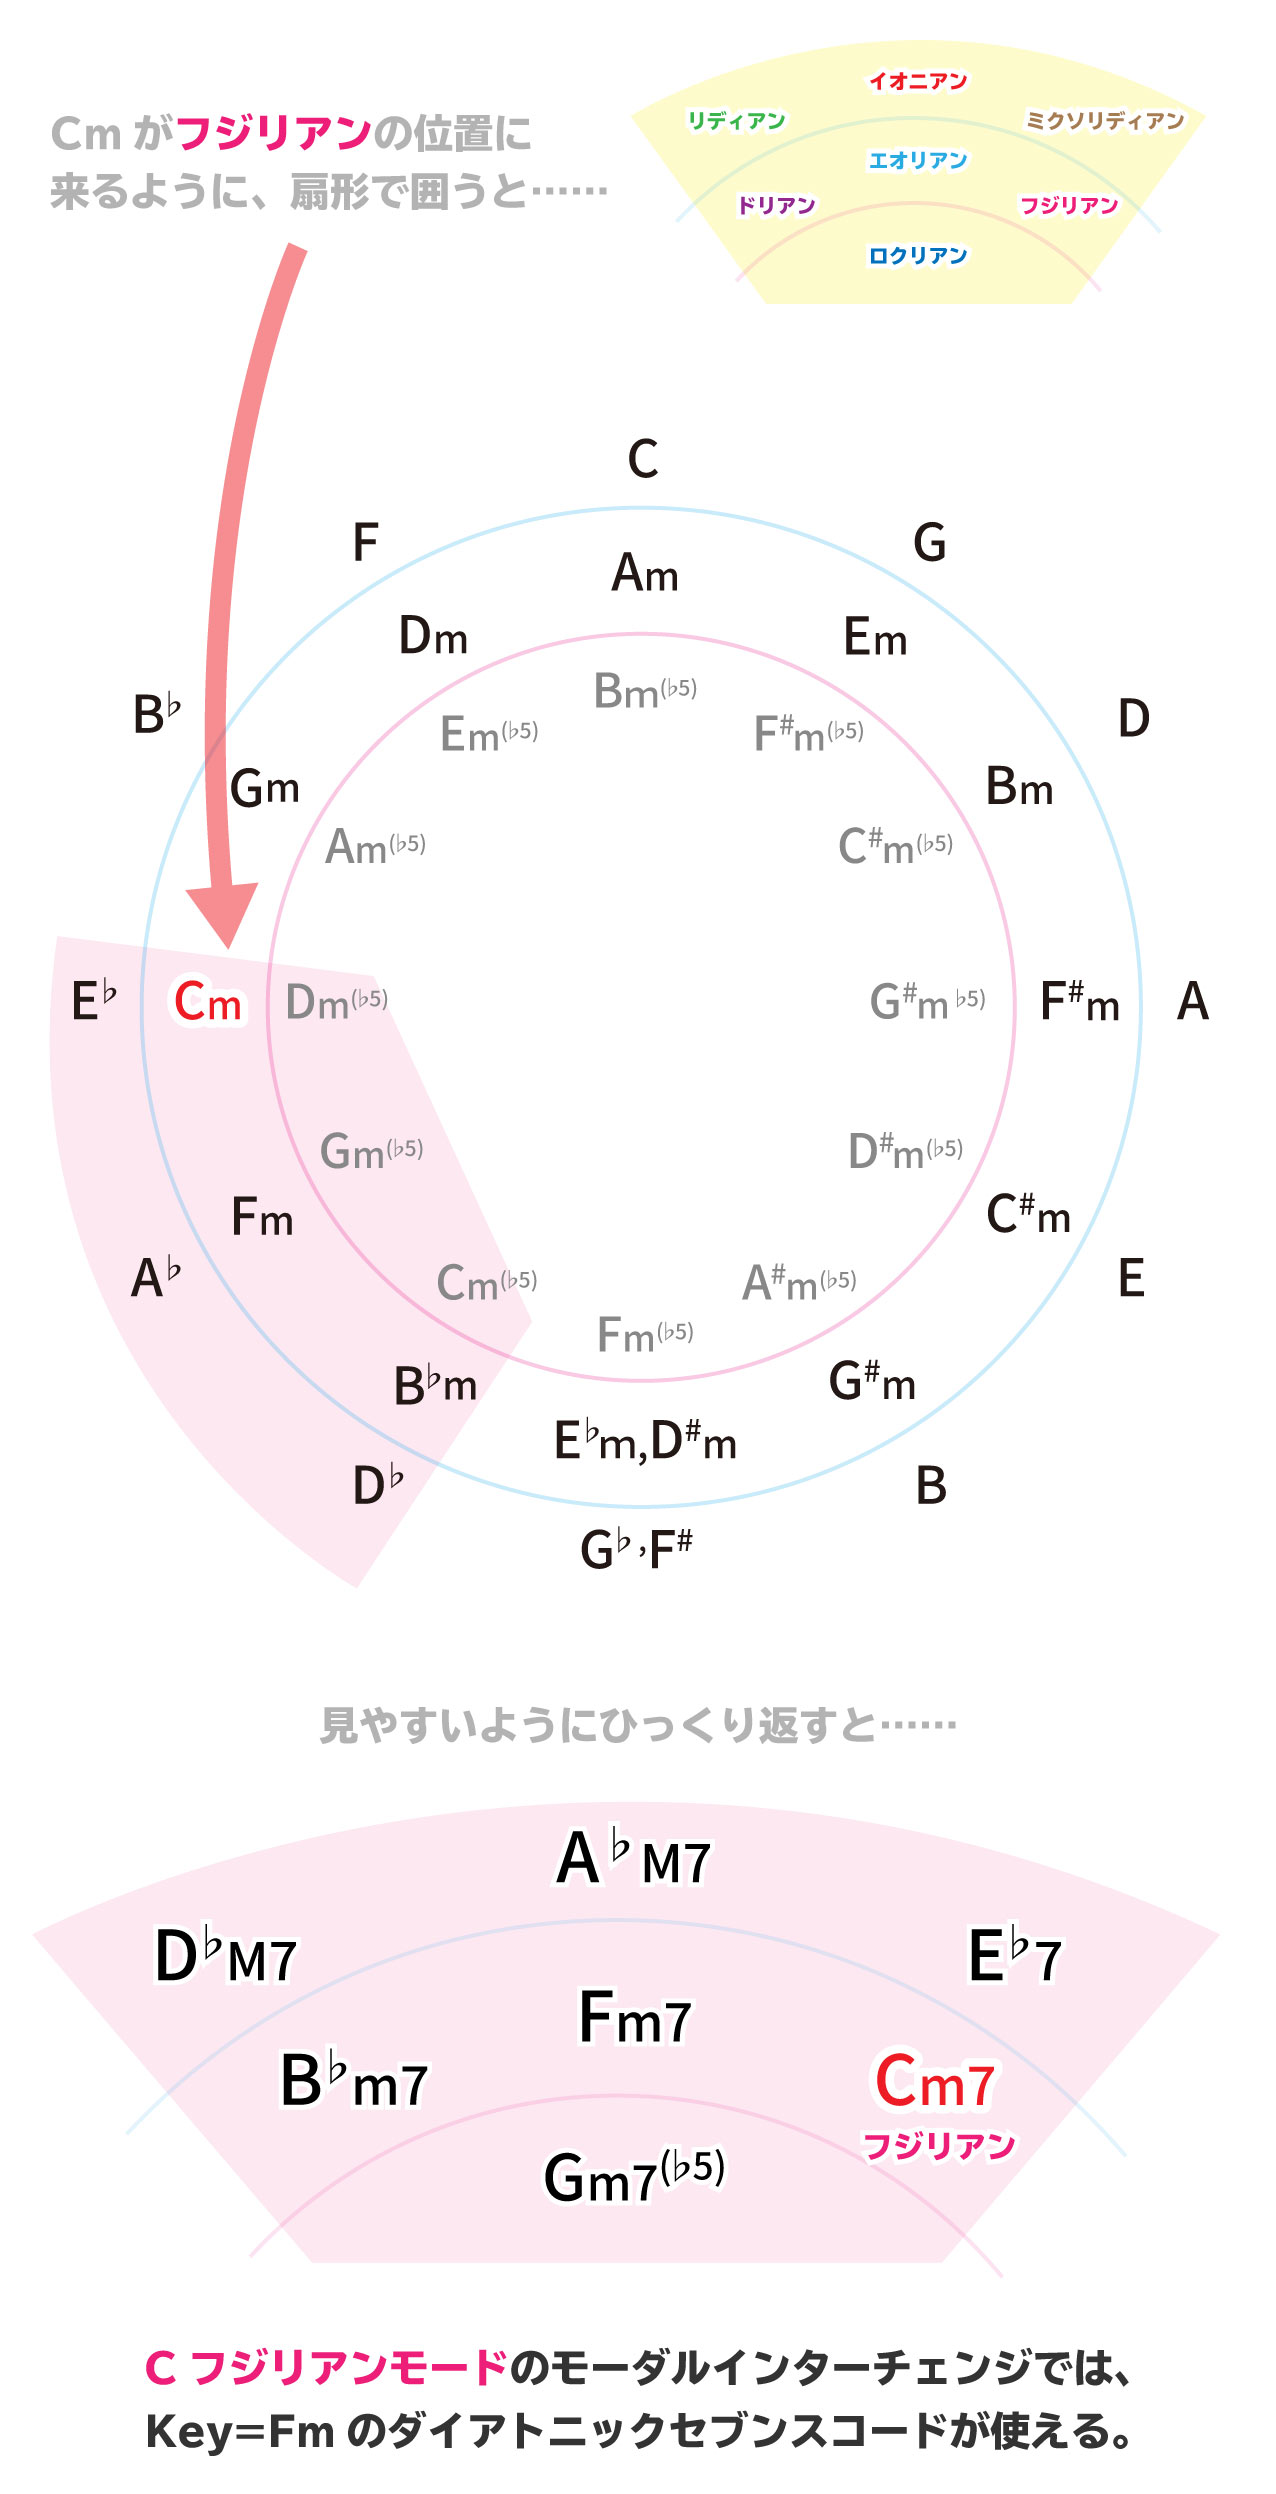 モーダルインターチェンジの使い方解説画像:Cmがフジリアンの位置に来るように、扇形で囲うと……。Cフジリアンモードのモーダルインターチェンジでは、Key=Fmのダイアトニックセブンスコードが使える。